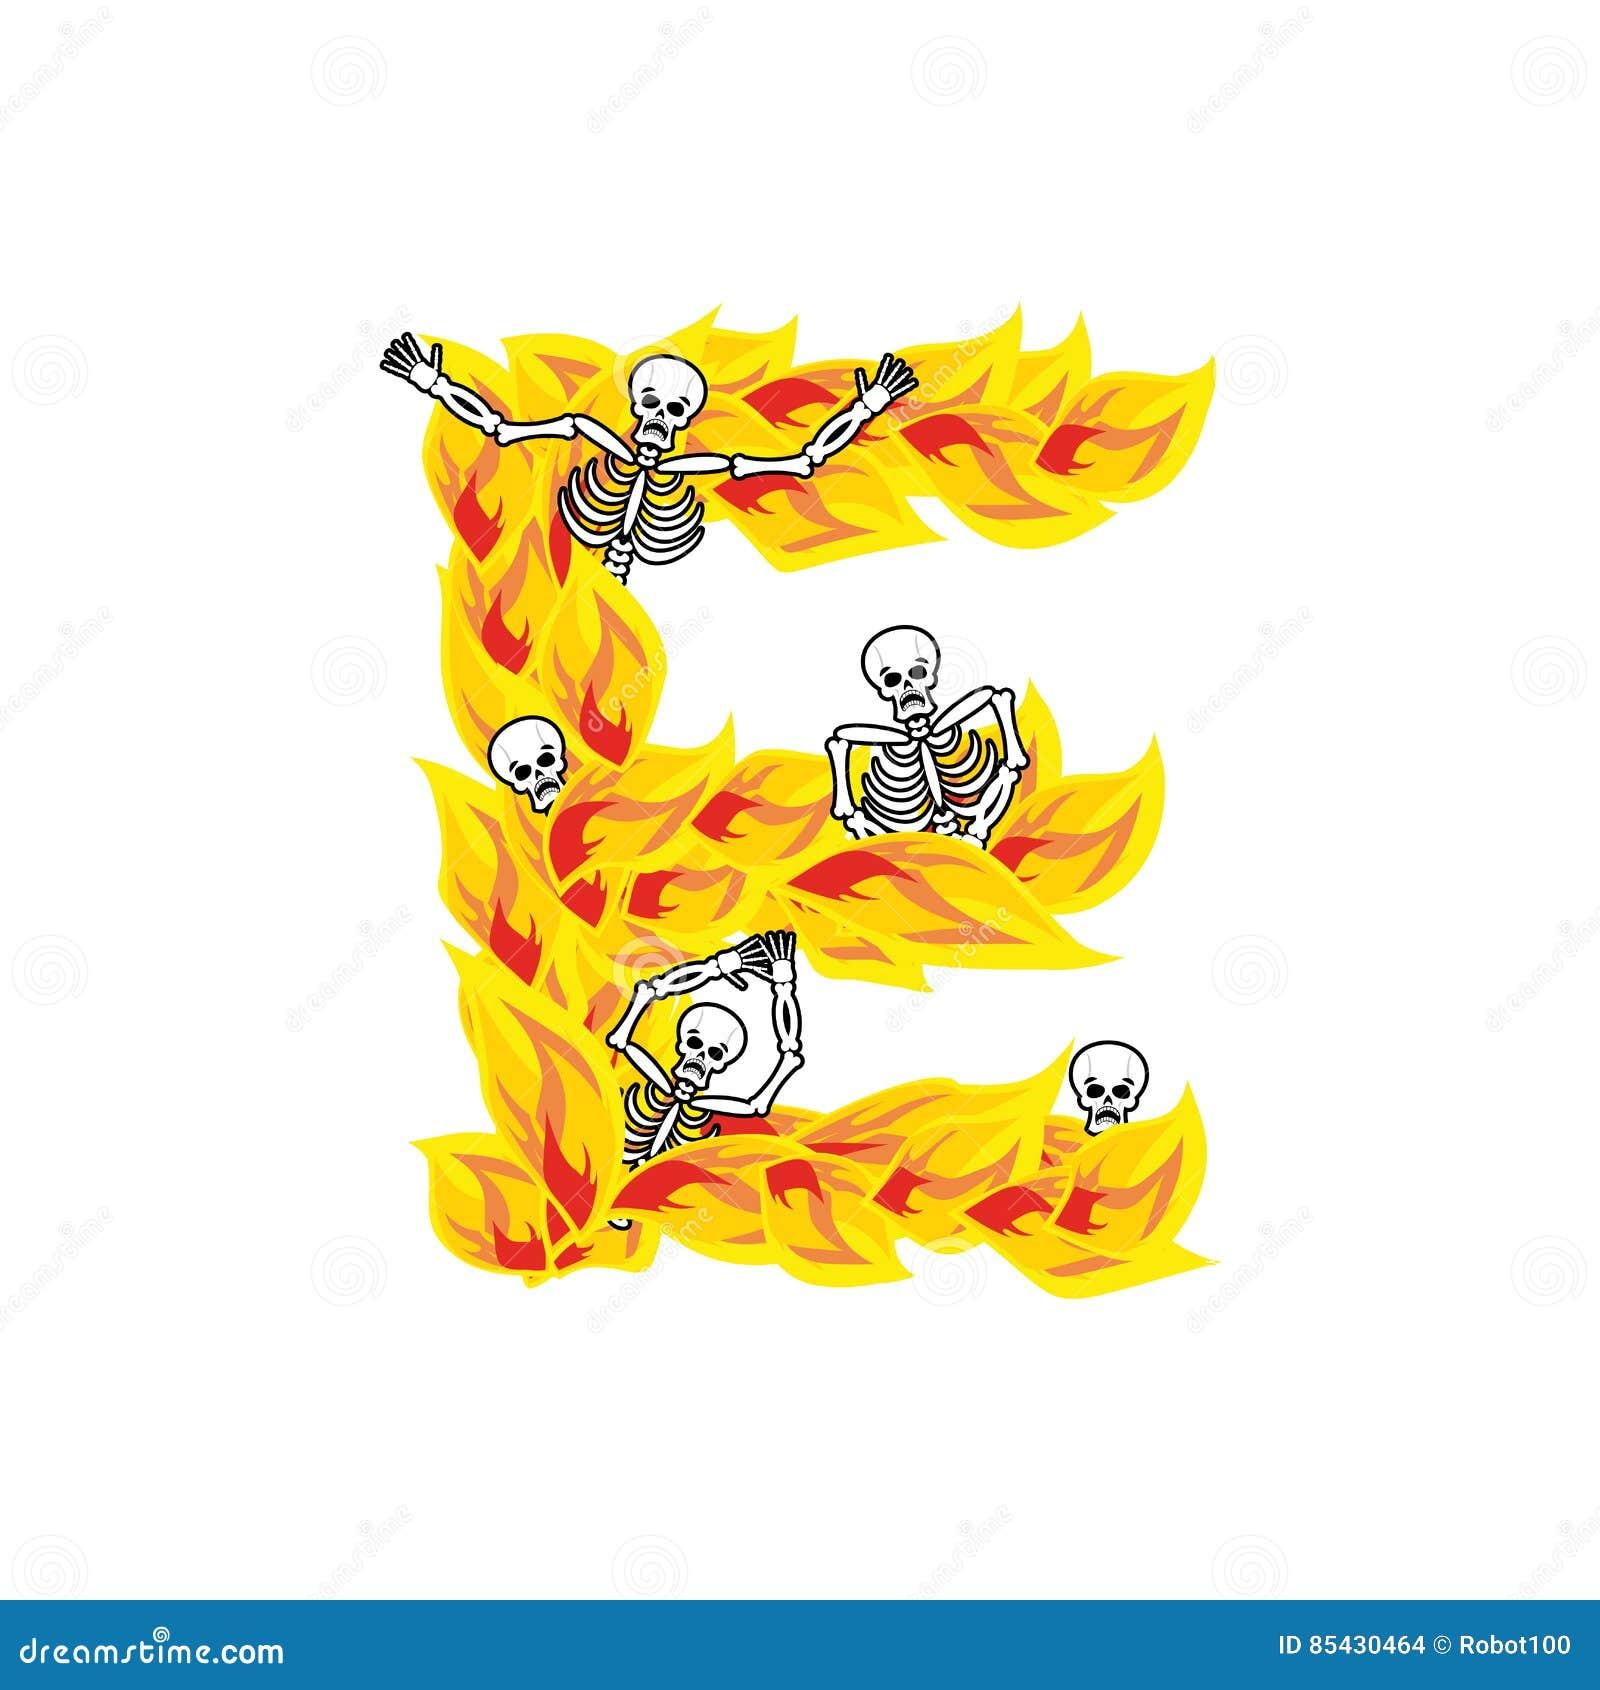 Police atroce de flammes et de pécheurs de la lettre E lettrage ardent impliquez